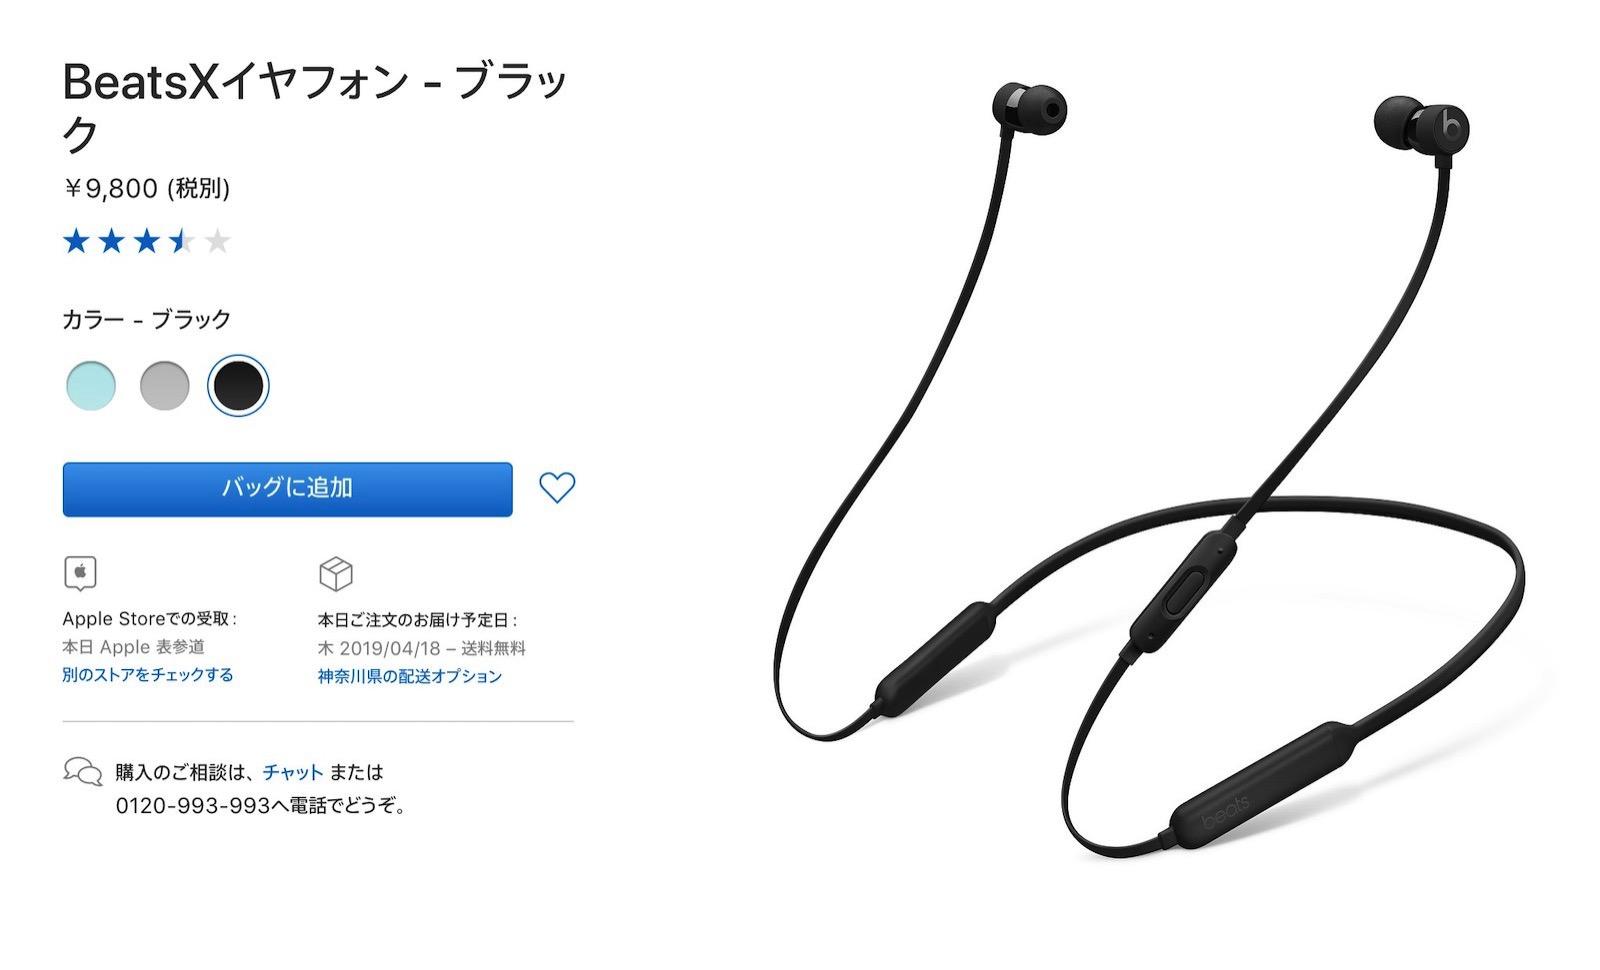 BeatsX-lowers-price-again.jpg